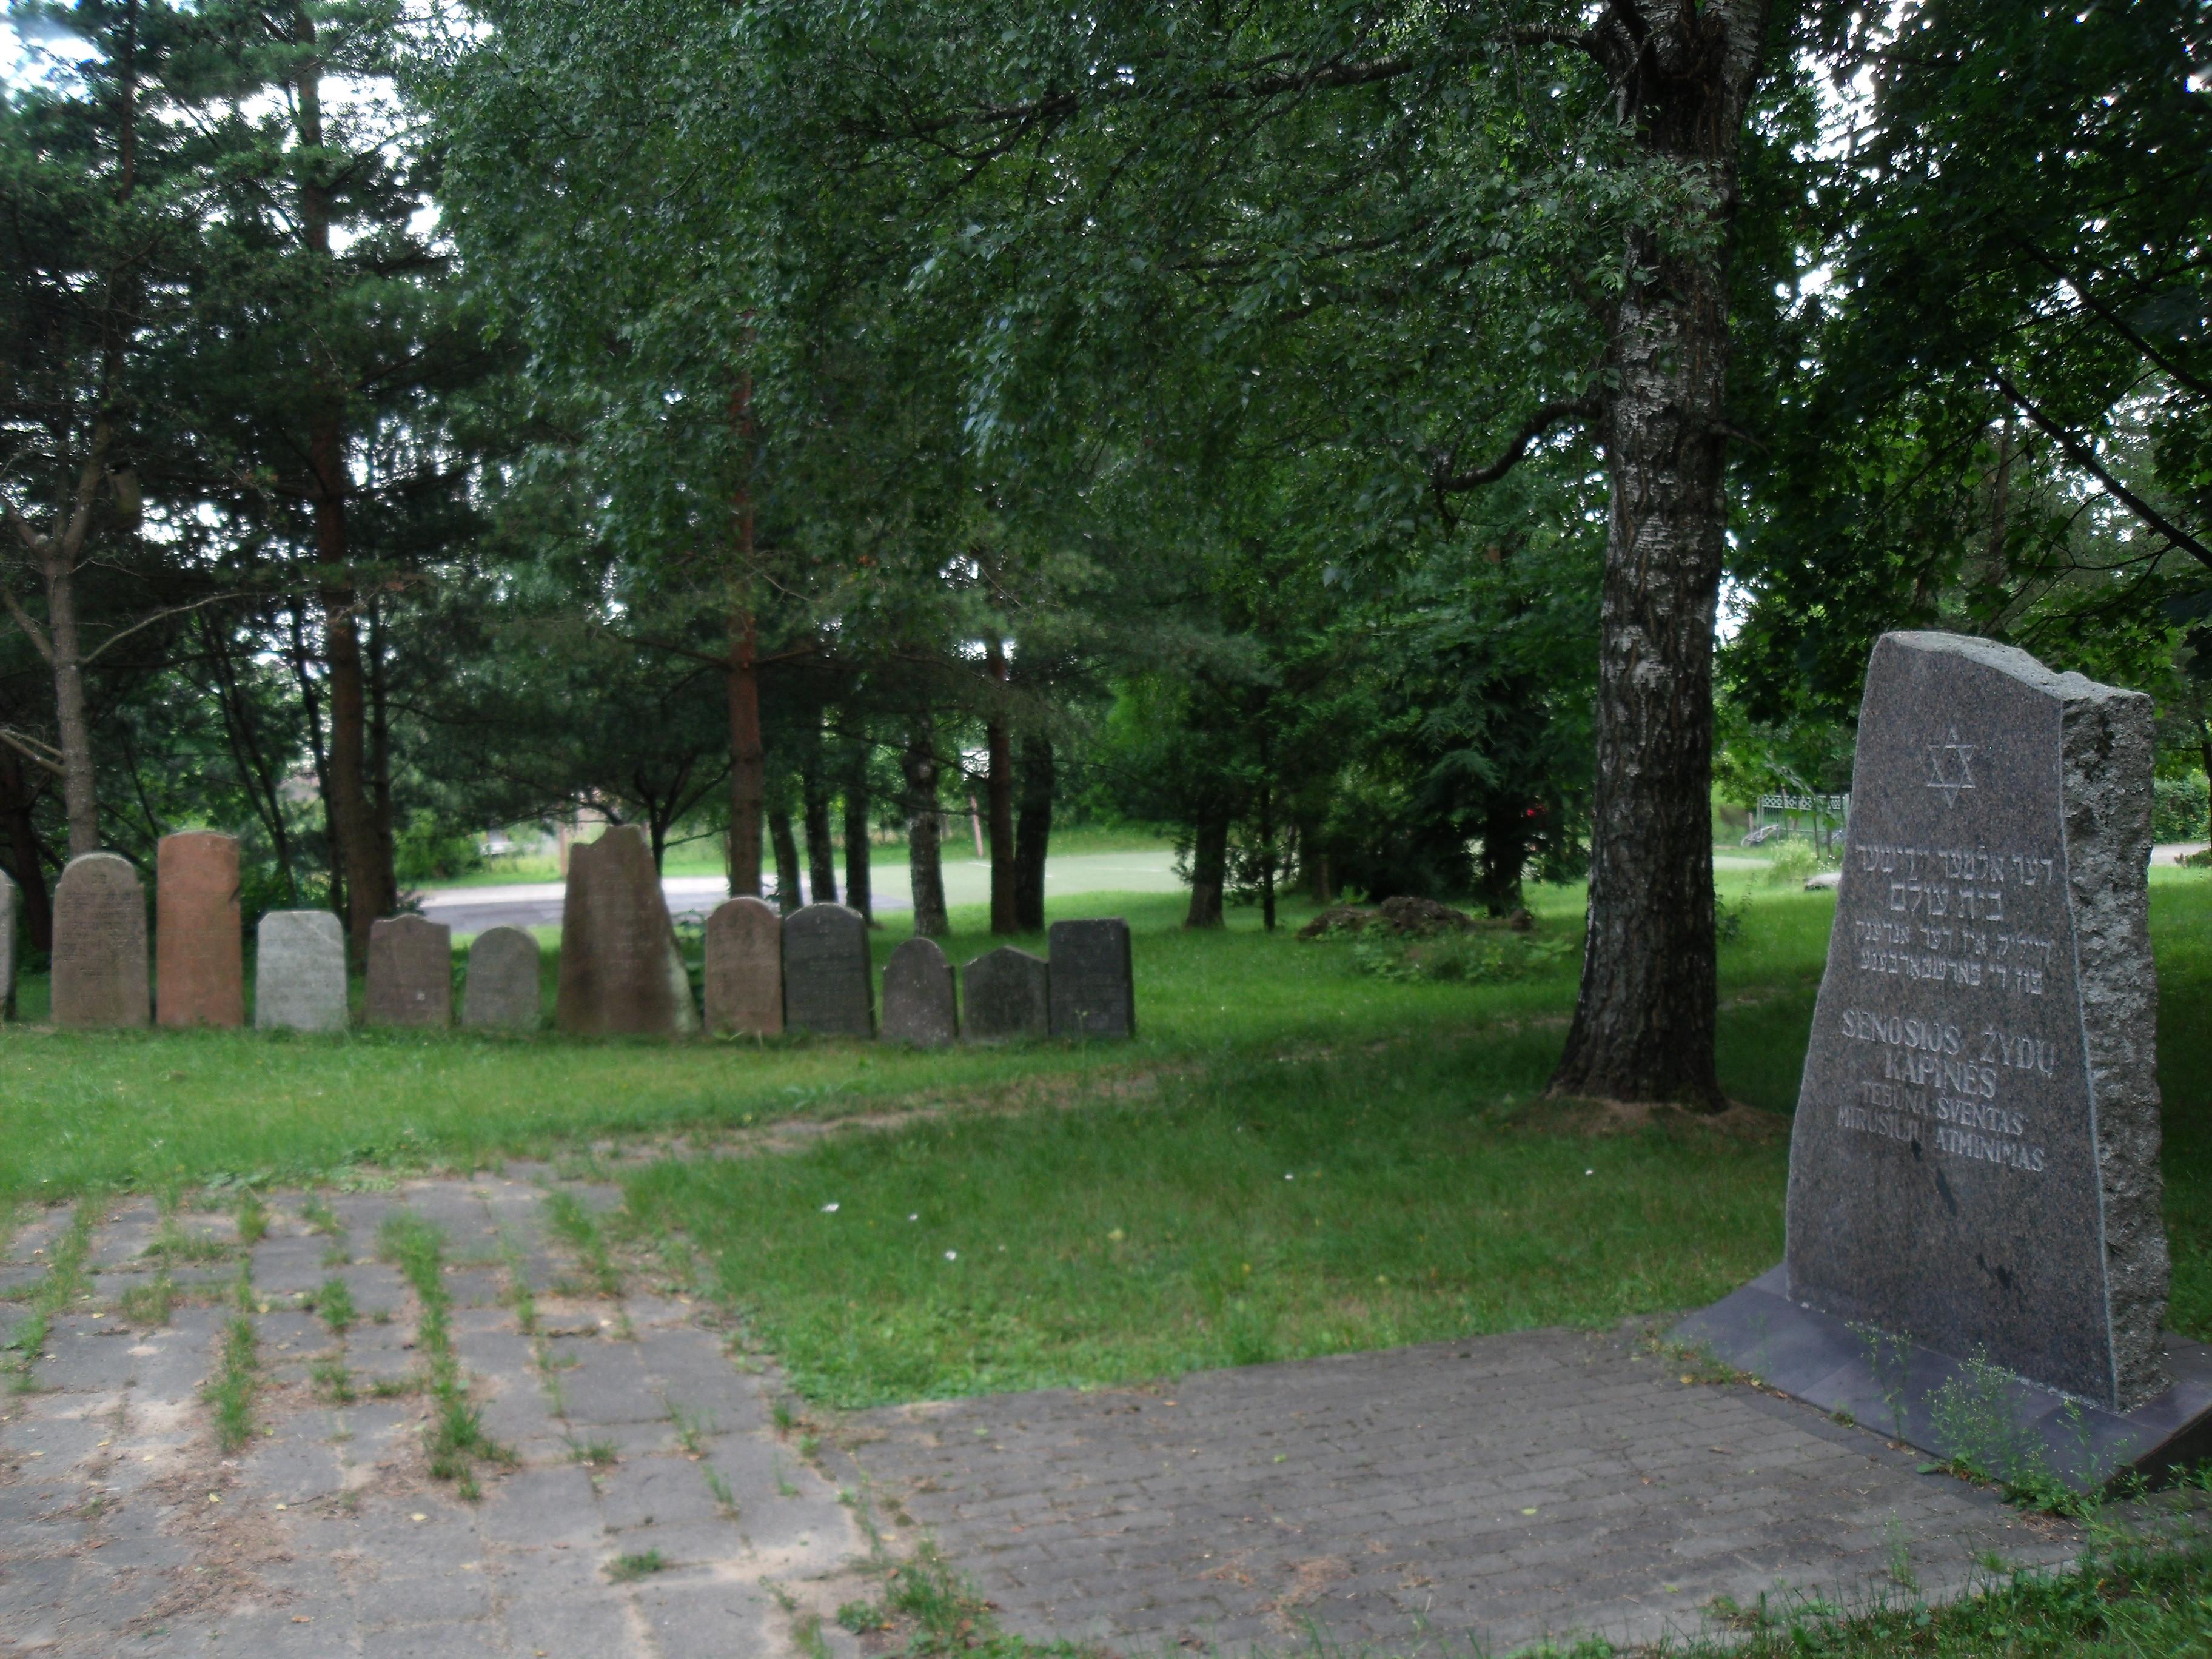 現在人口の2万人のプルンゲ市のユダヤ人の墓地の跡。